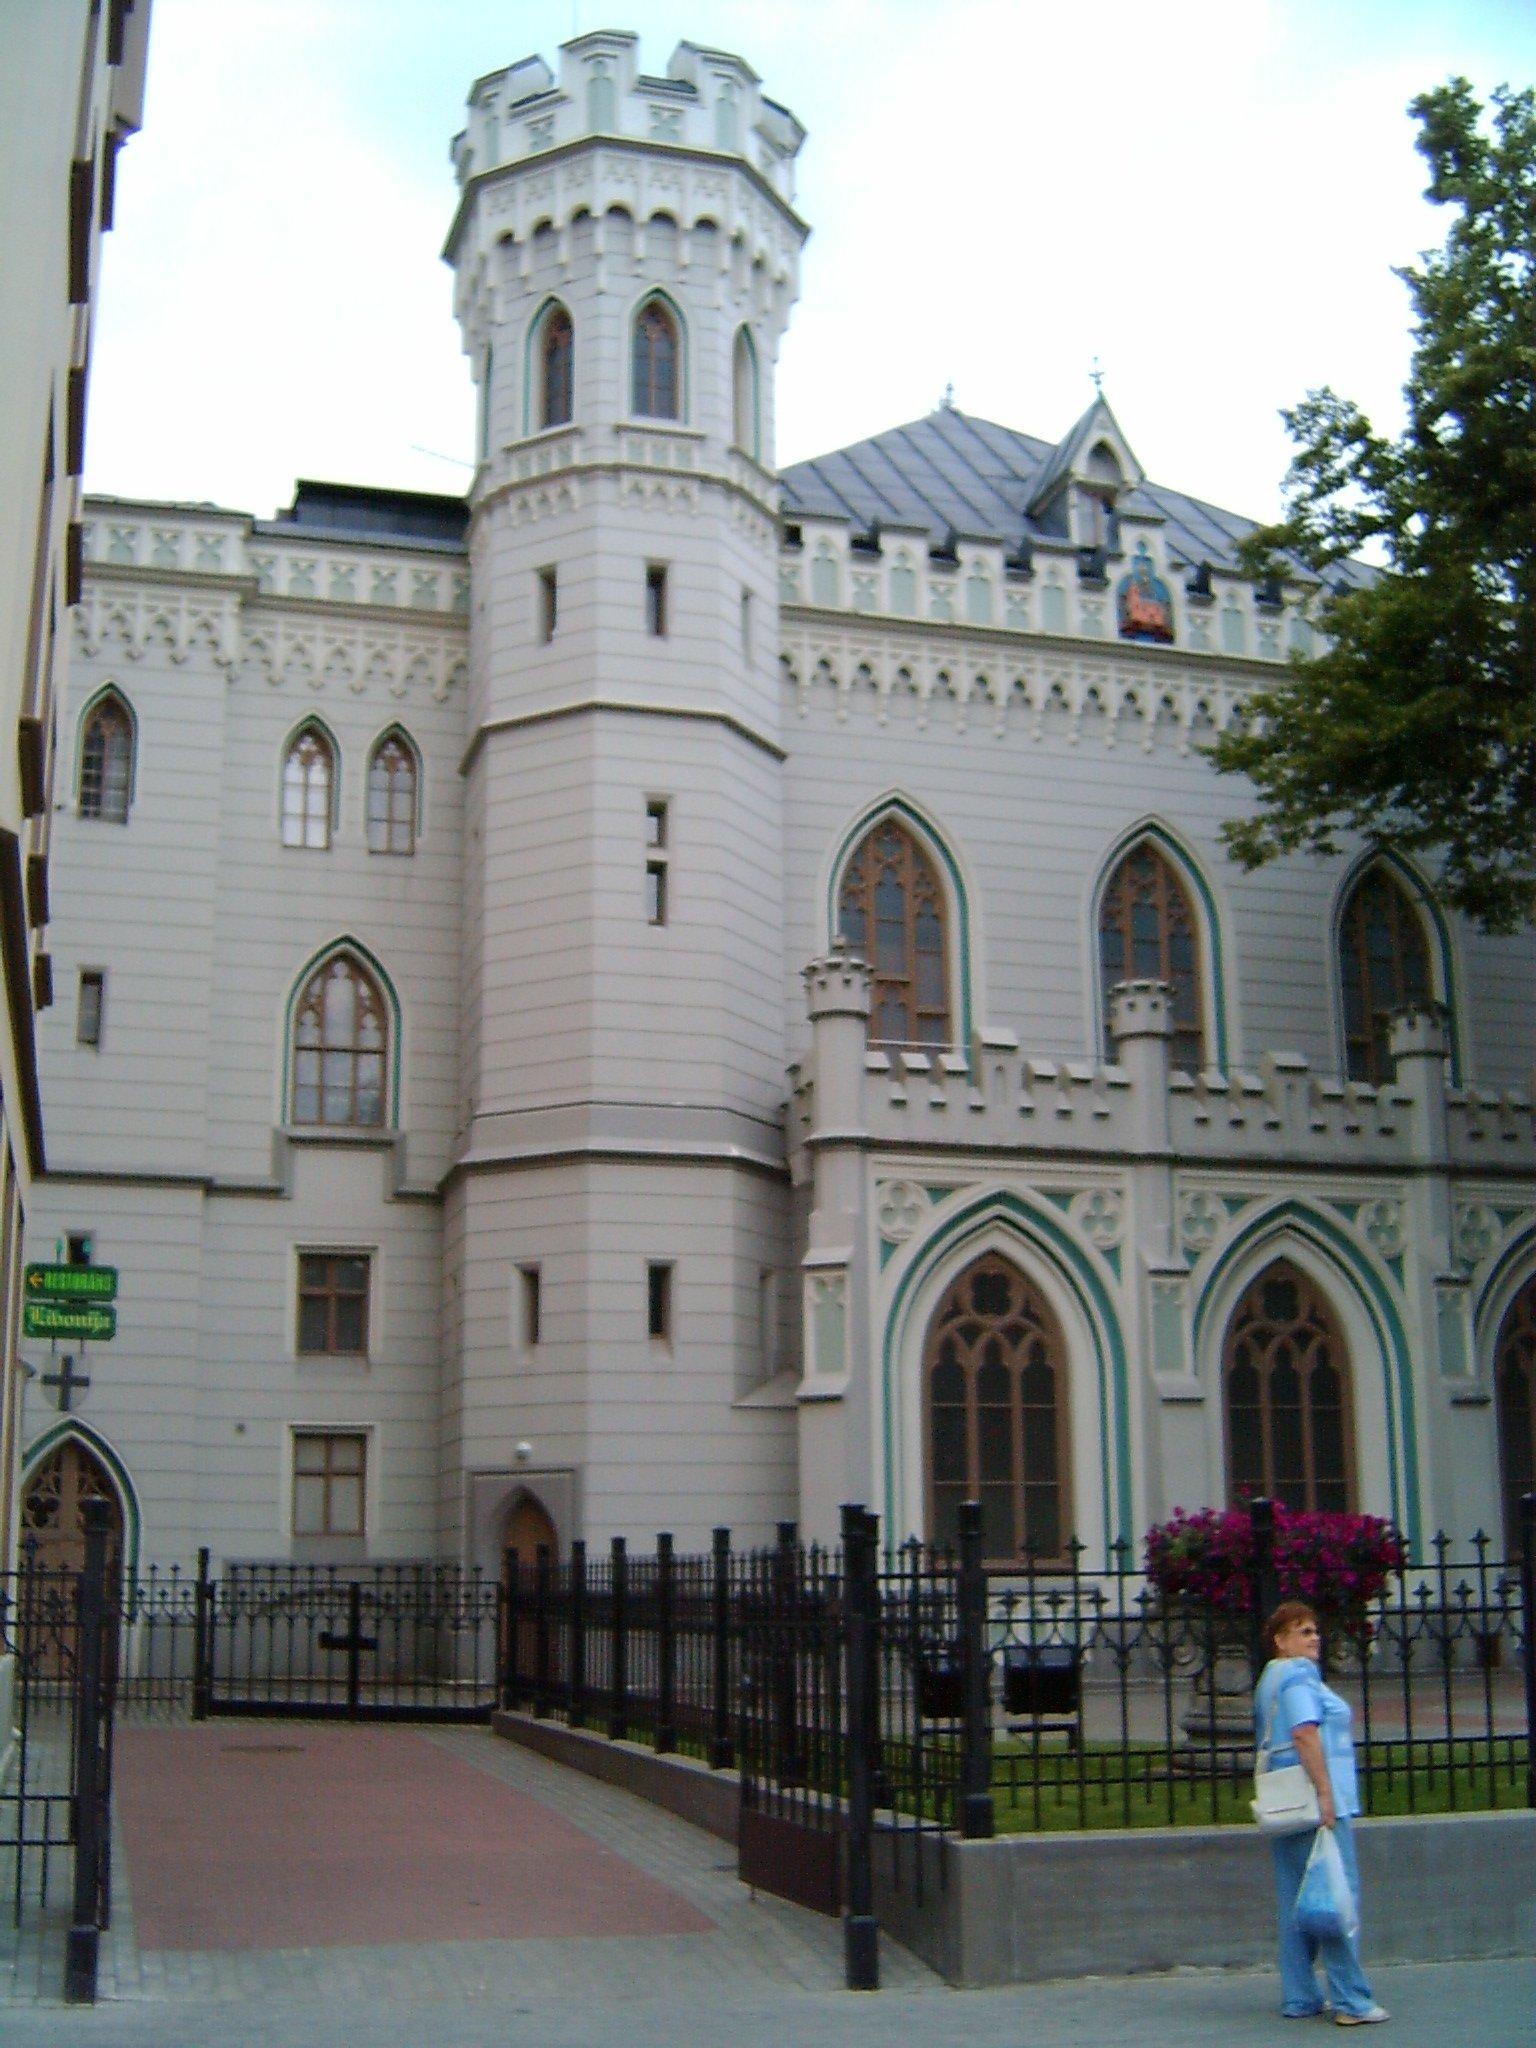 Indtryk fra turen til Letland i 2003, incl. turistbilleder